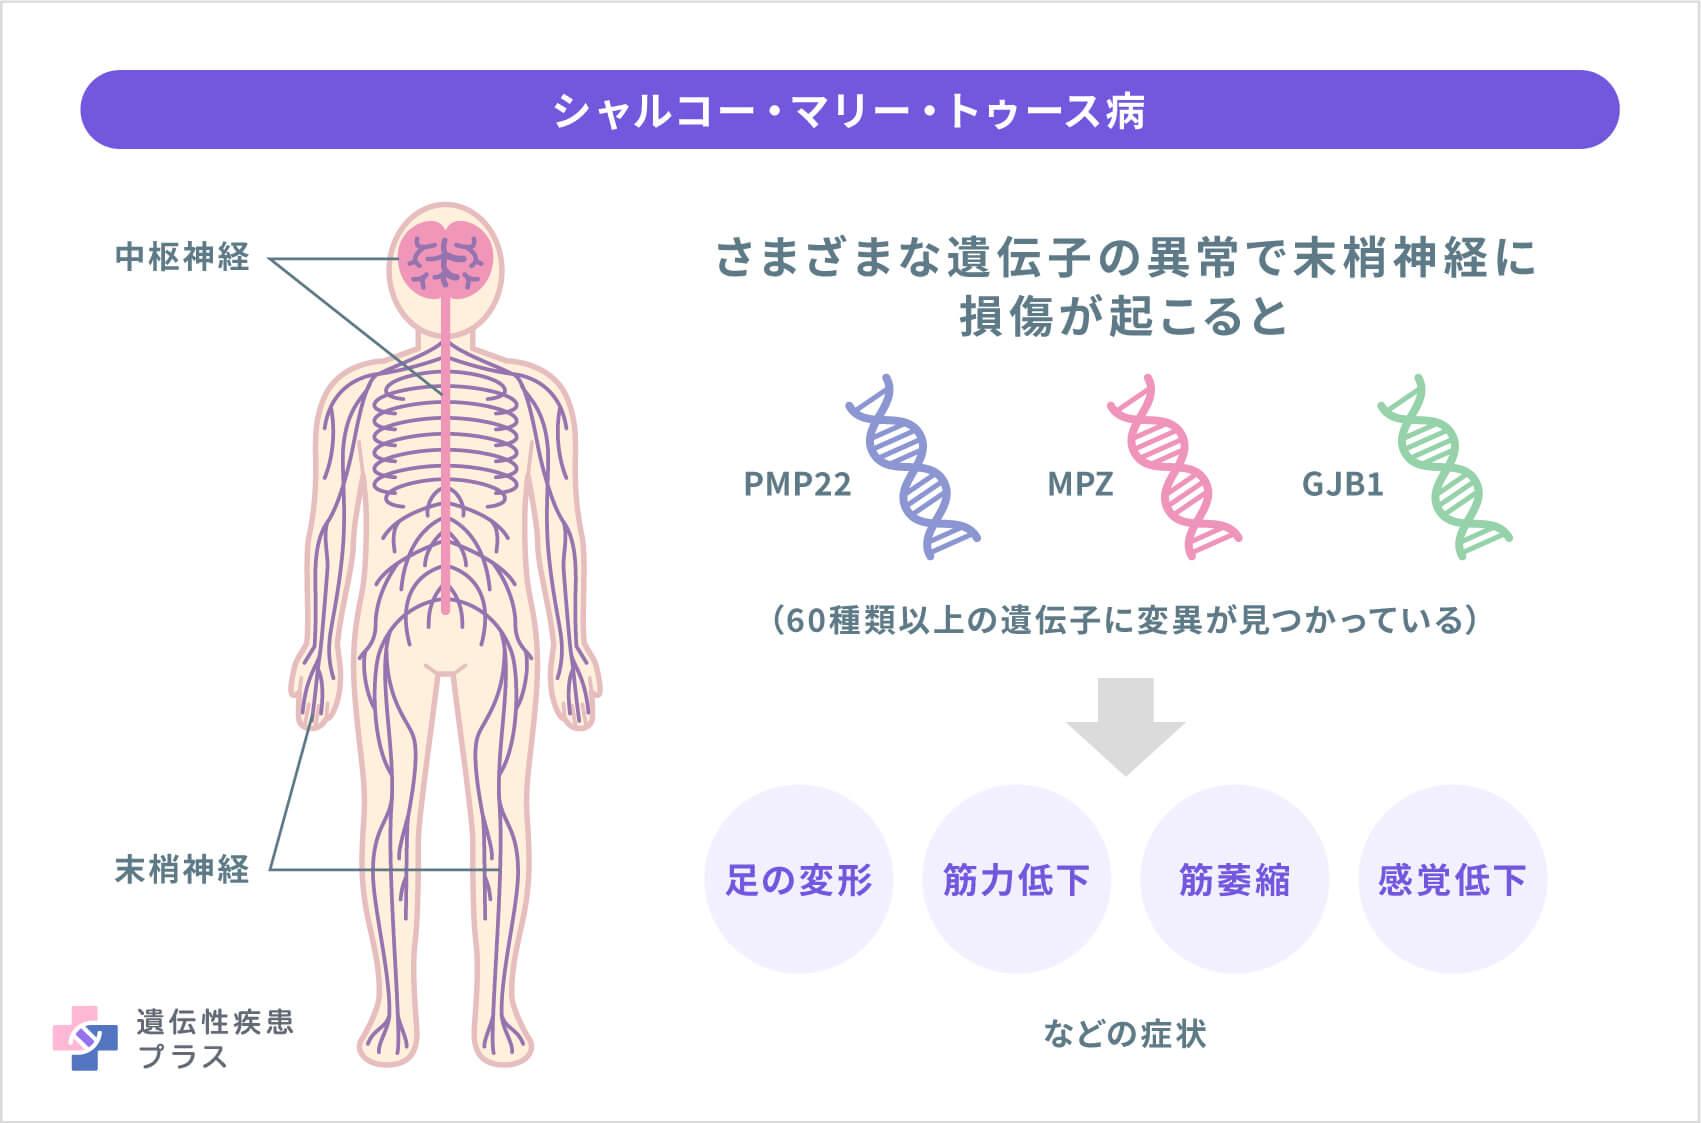 63 Cmt 末梢神経と症状